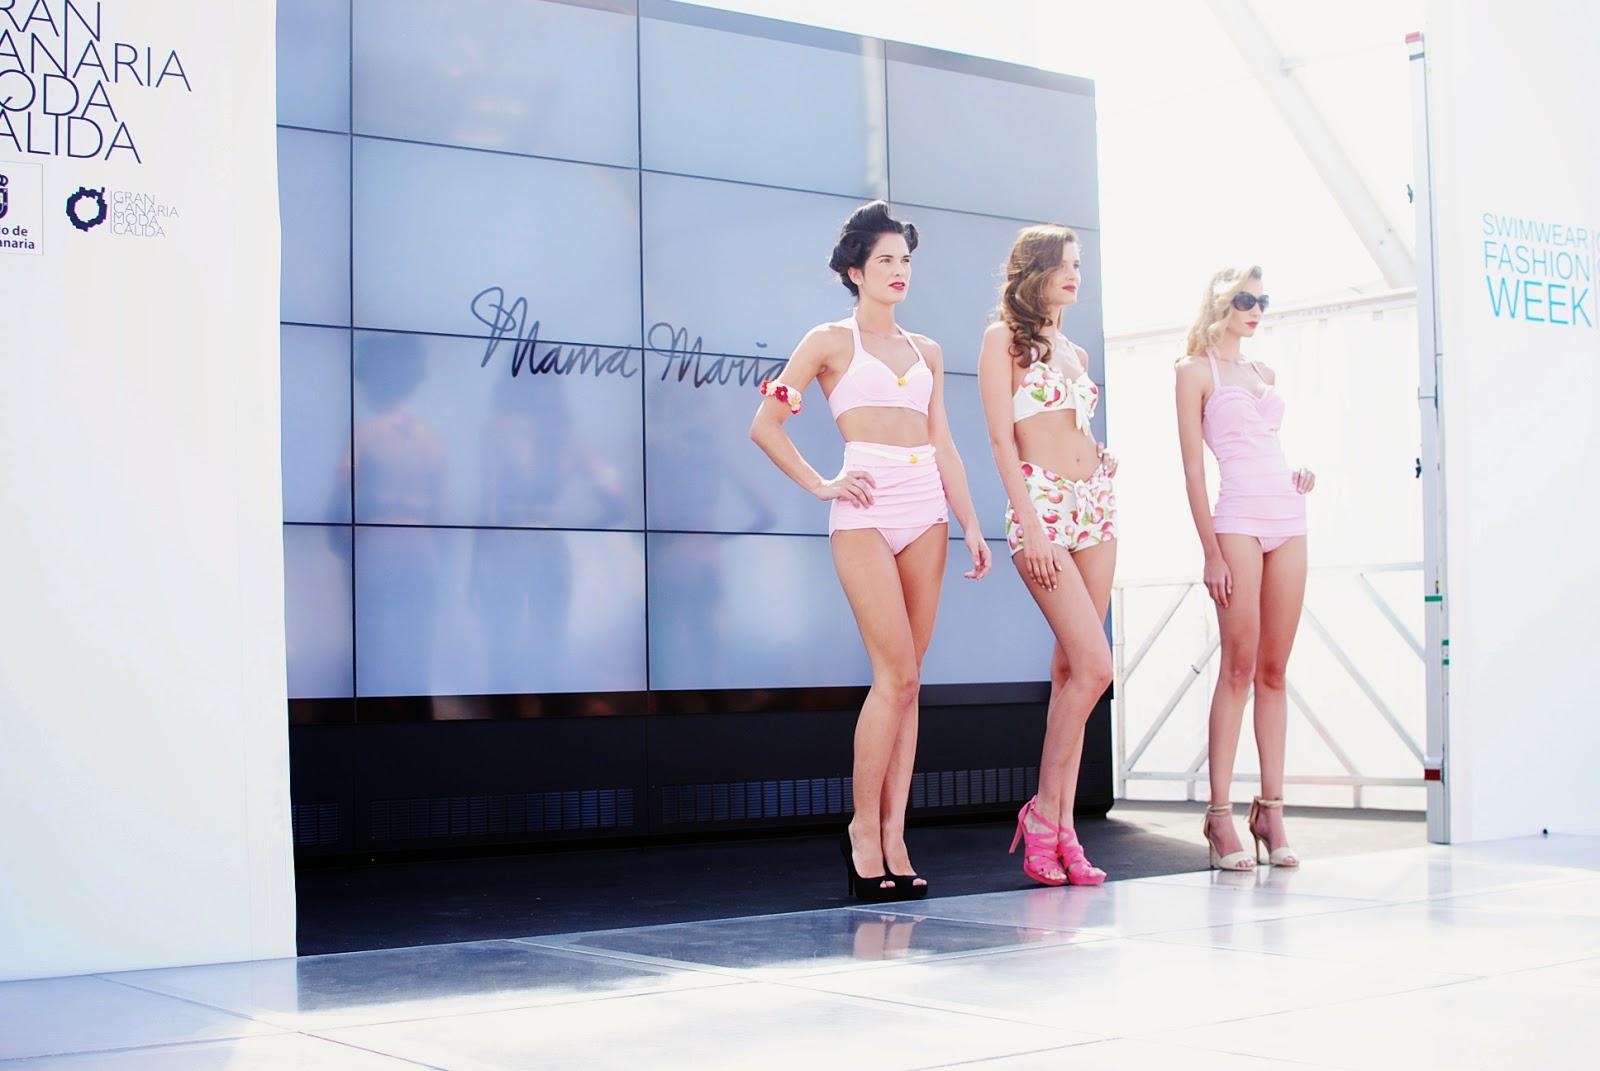 moda calida, gran canaria fashion week, gcmc, gcmodacalica2014, maama maria, swimwear,